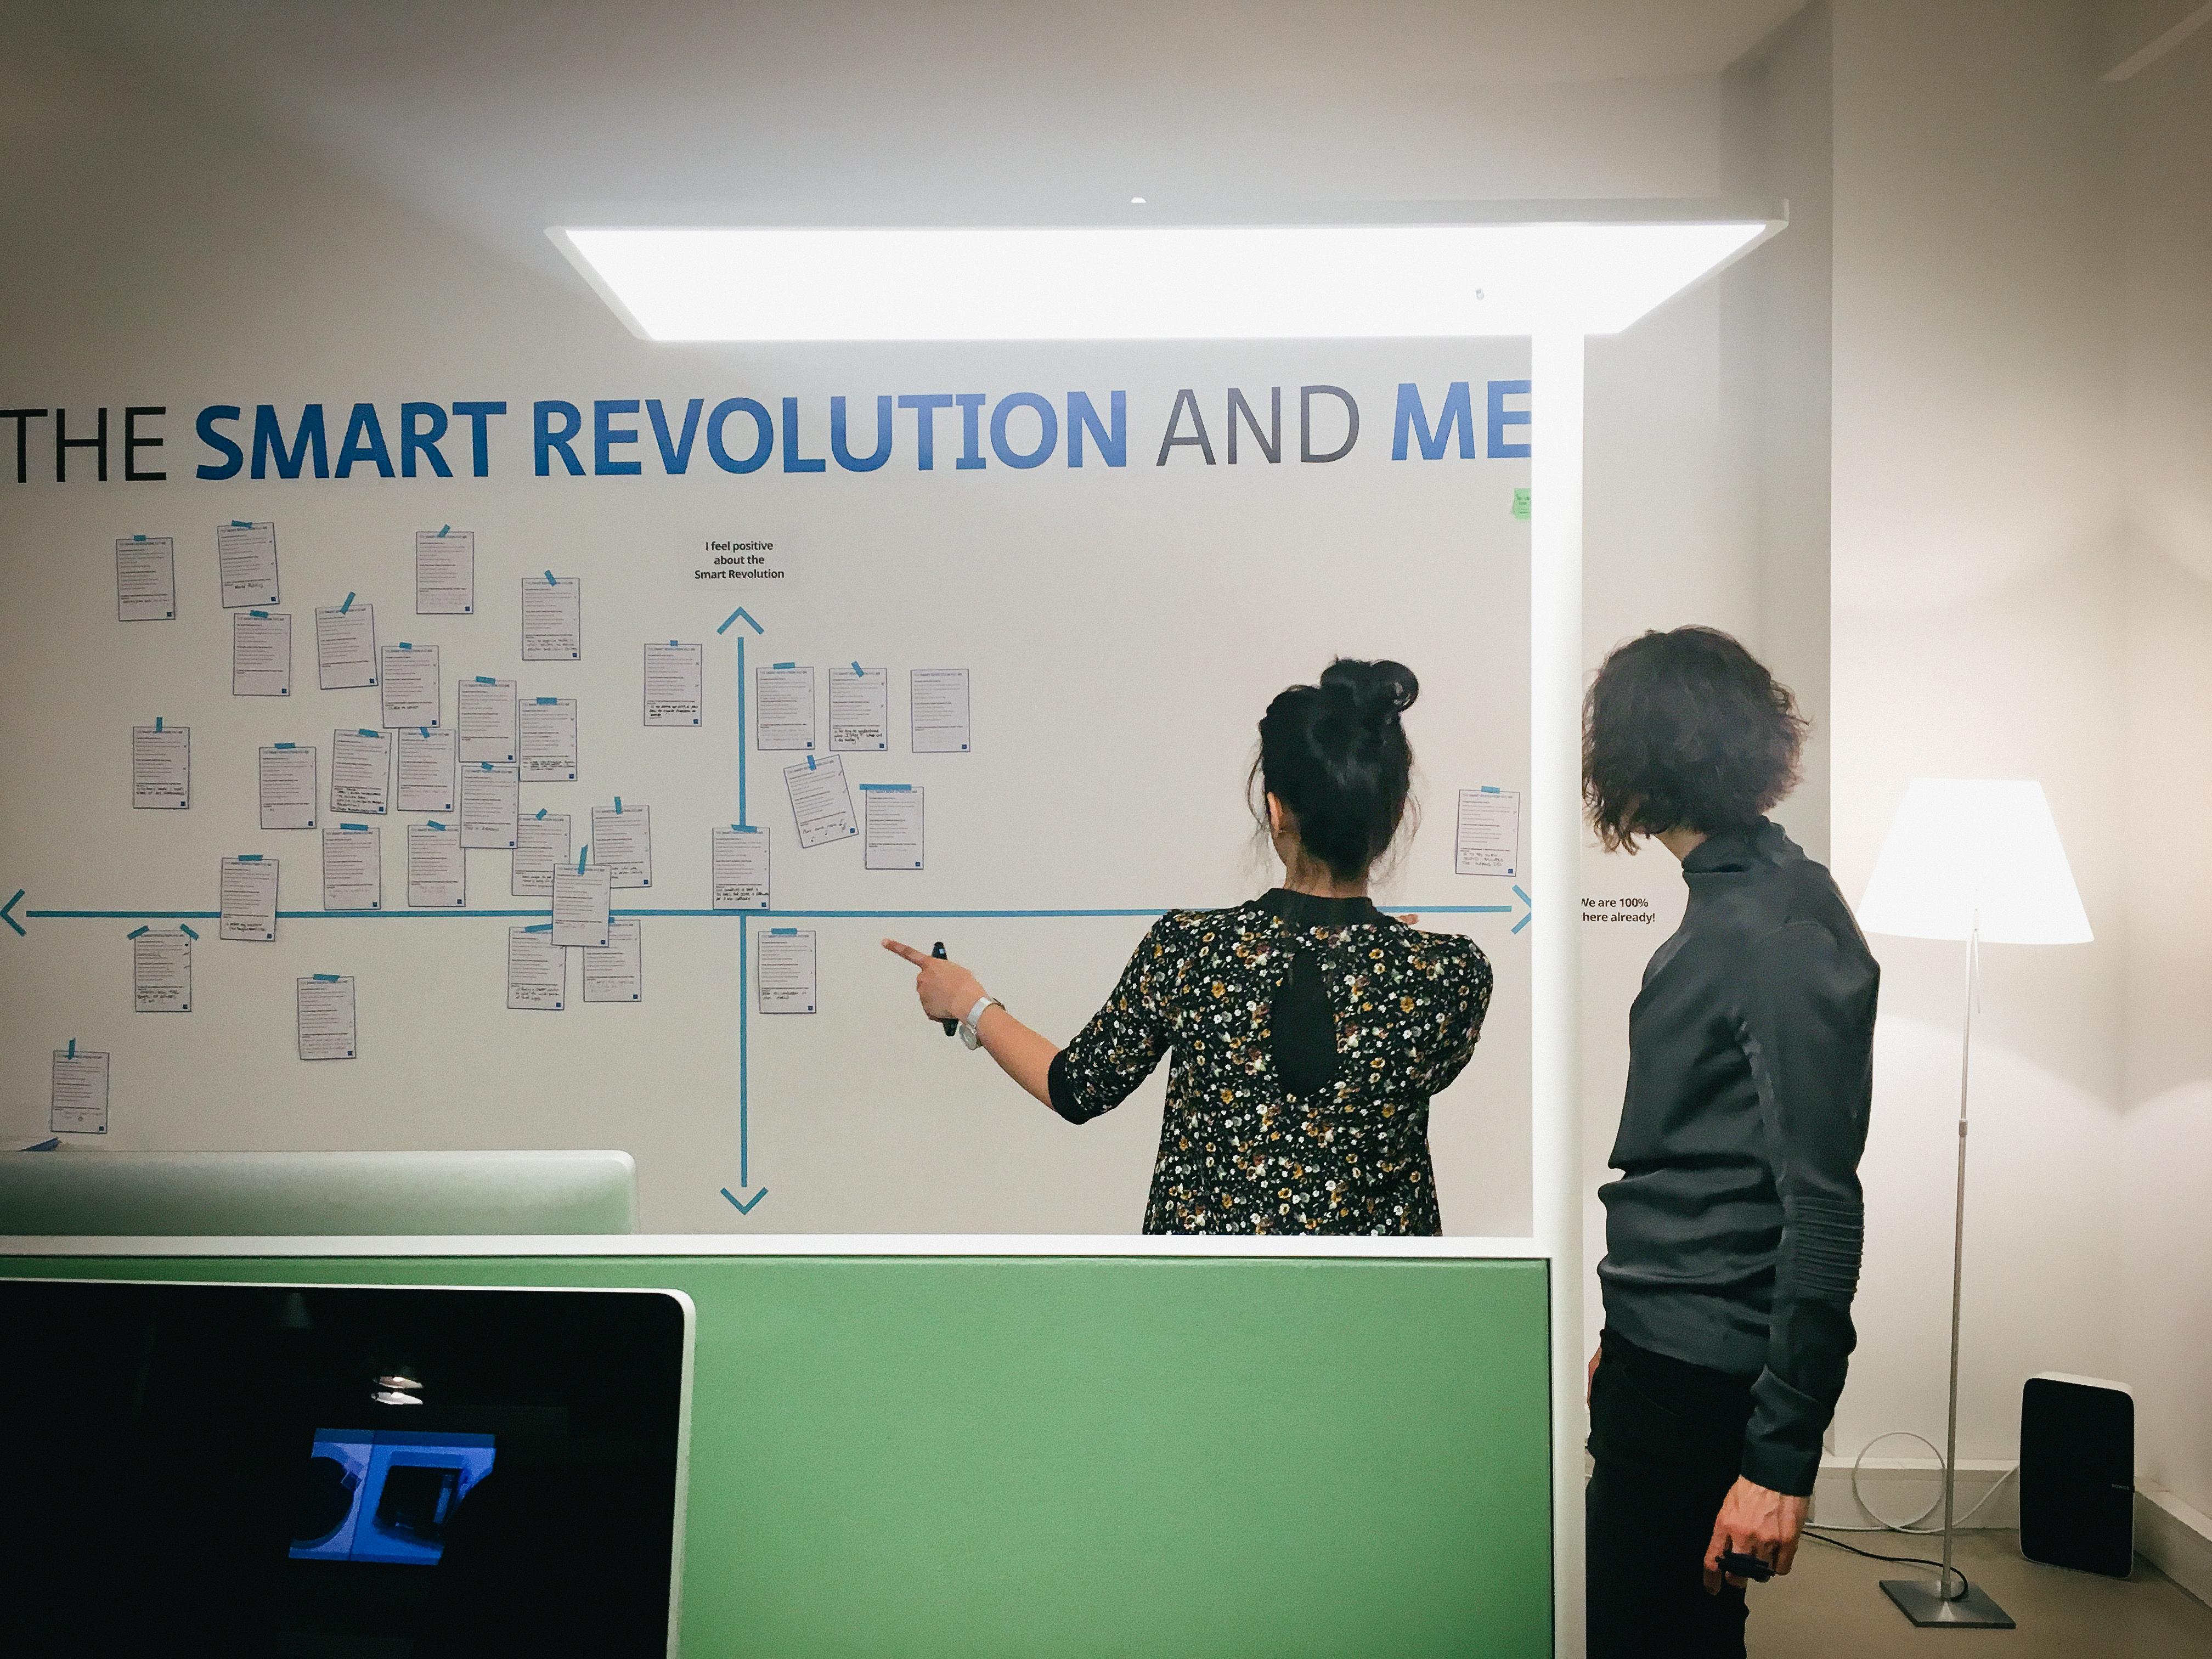 Smart Revolution Wall